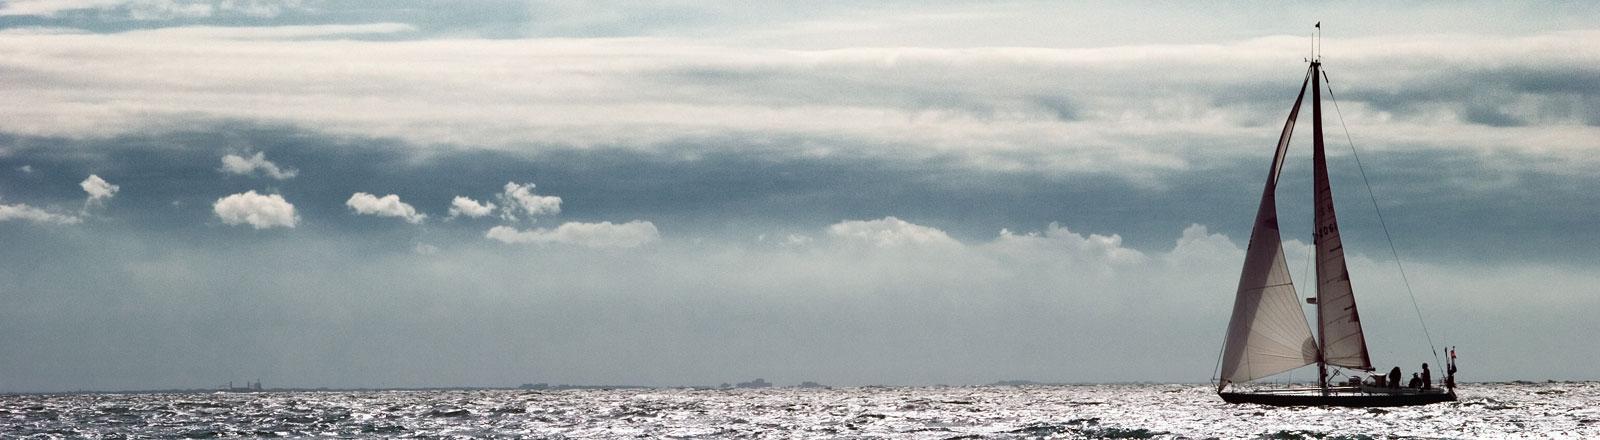 Ein Segelboot auf dem Meer.